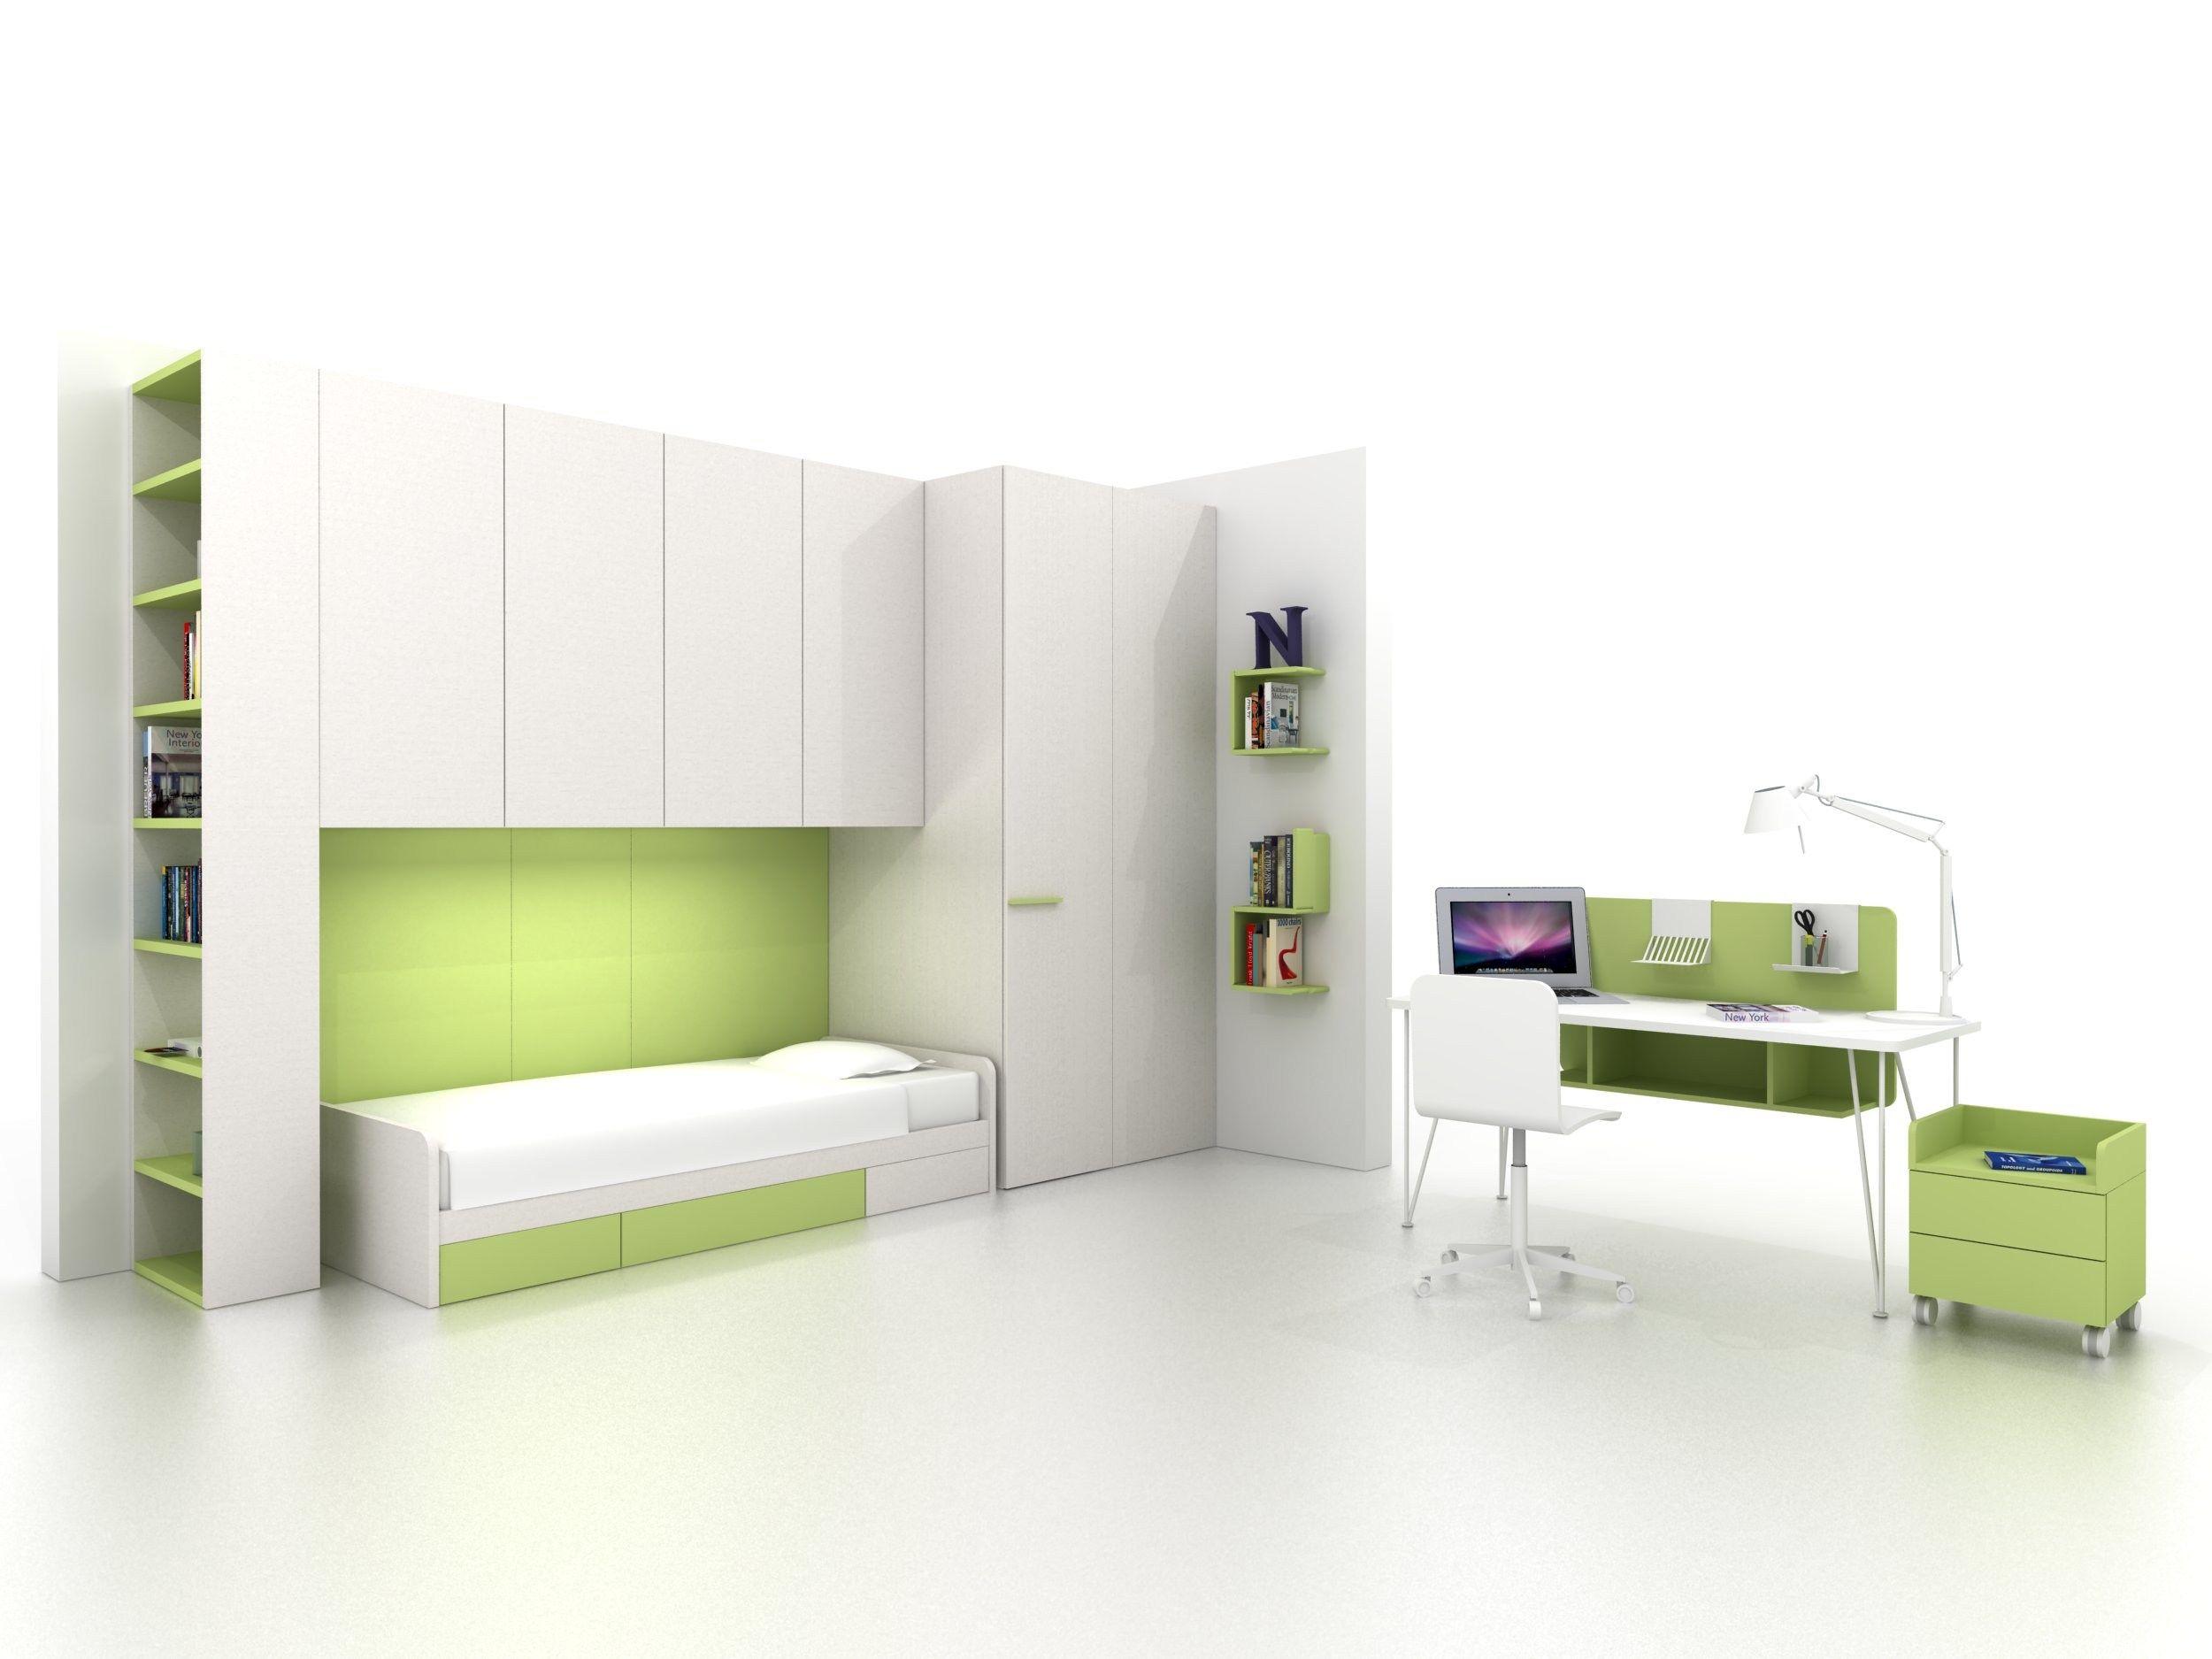 chambre d 39 ado composable avec pont de lit z406 by zalf. Black Bedroom Furniture Sets. Home Design Ideas